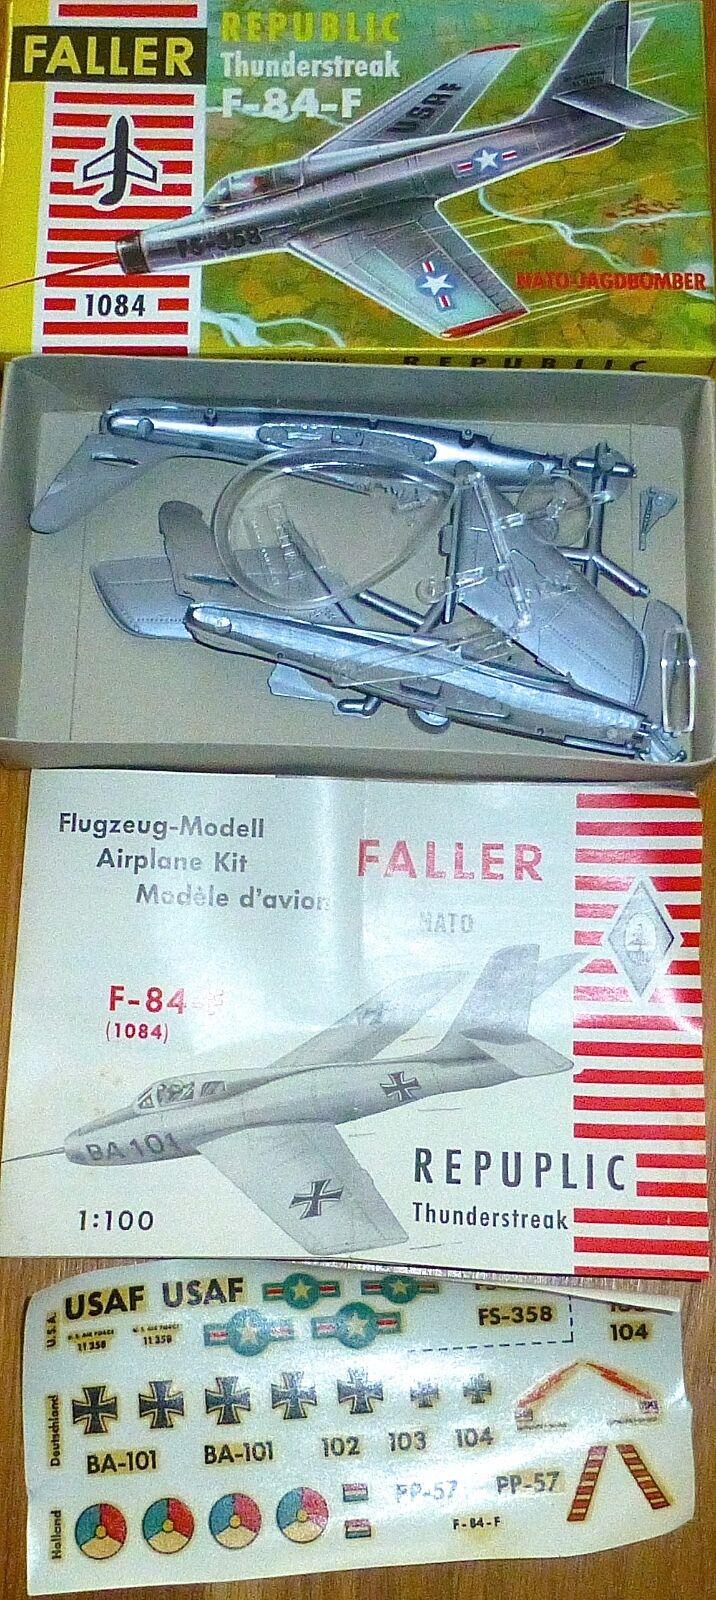 Republic f-84-f Thunderstreak Faller AMS 1084 1:100 KIT ungebaut OVP ke1 Å *